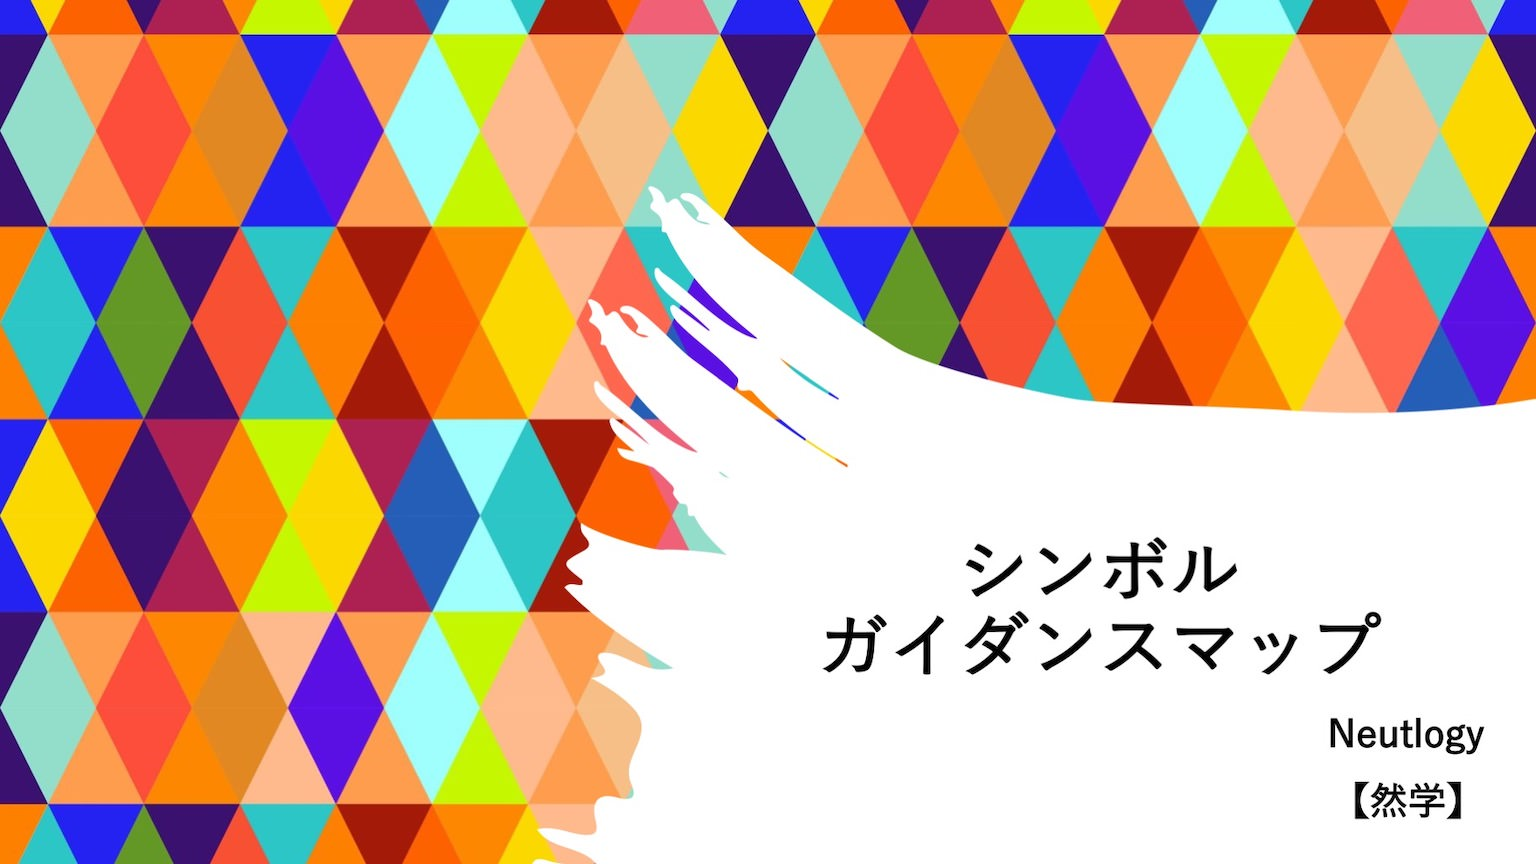 シンボル・ガイダンスマップセミナー案内_図5_Neutlogy【然学】